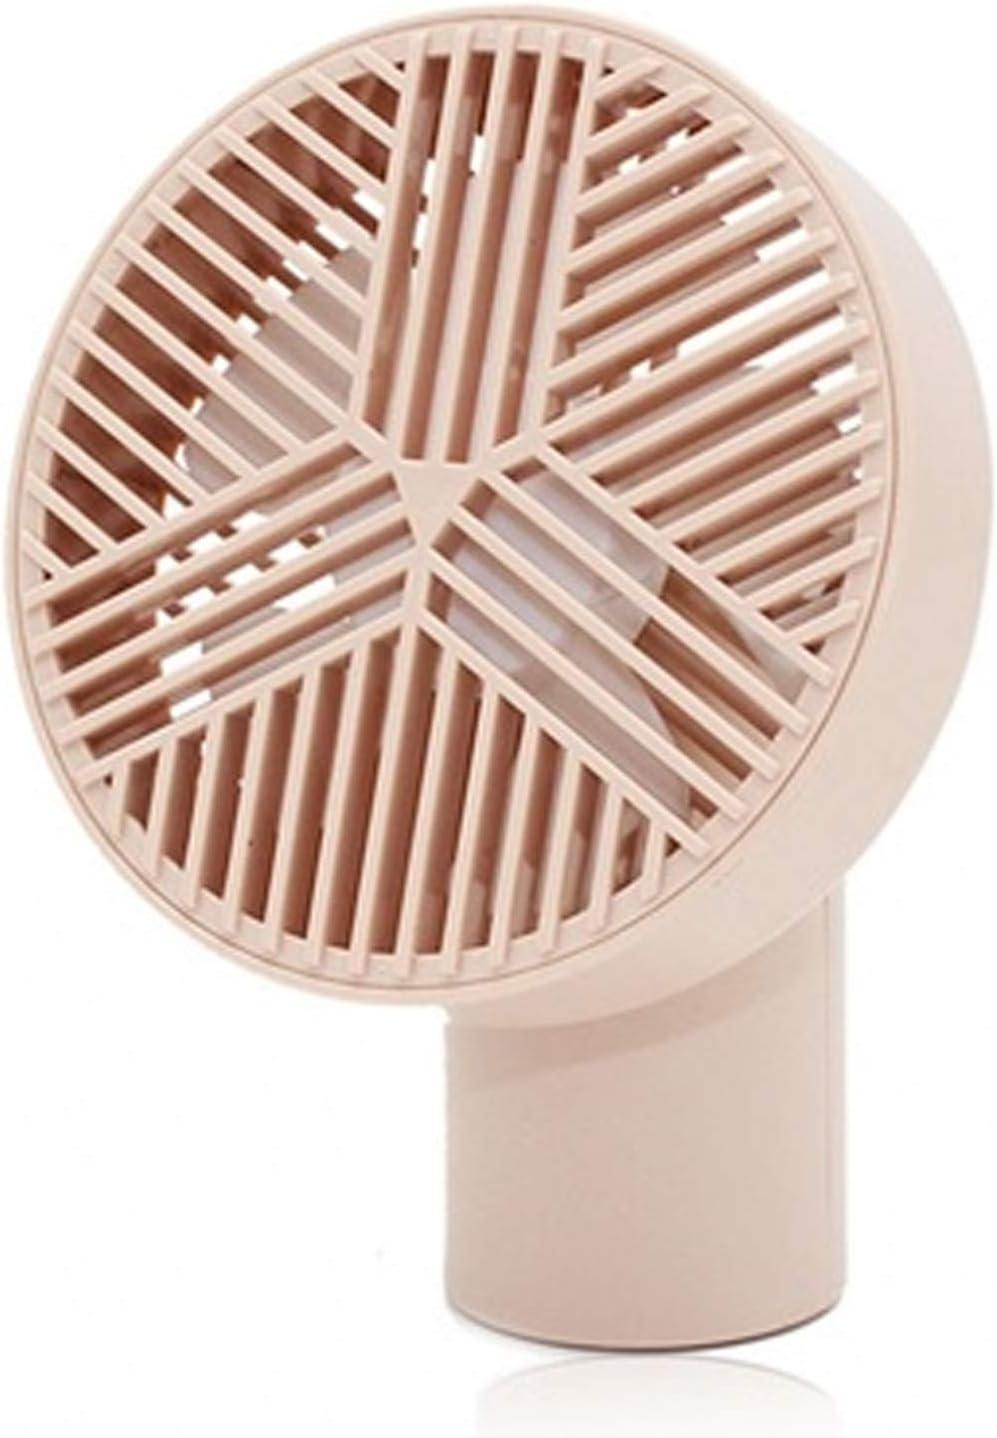 Color : Pink Air Cooler Mini USB Fan Summer Handheld Personal Fan Portable Pocket Fan Mute Short Handle Desktop Small Fan